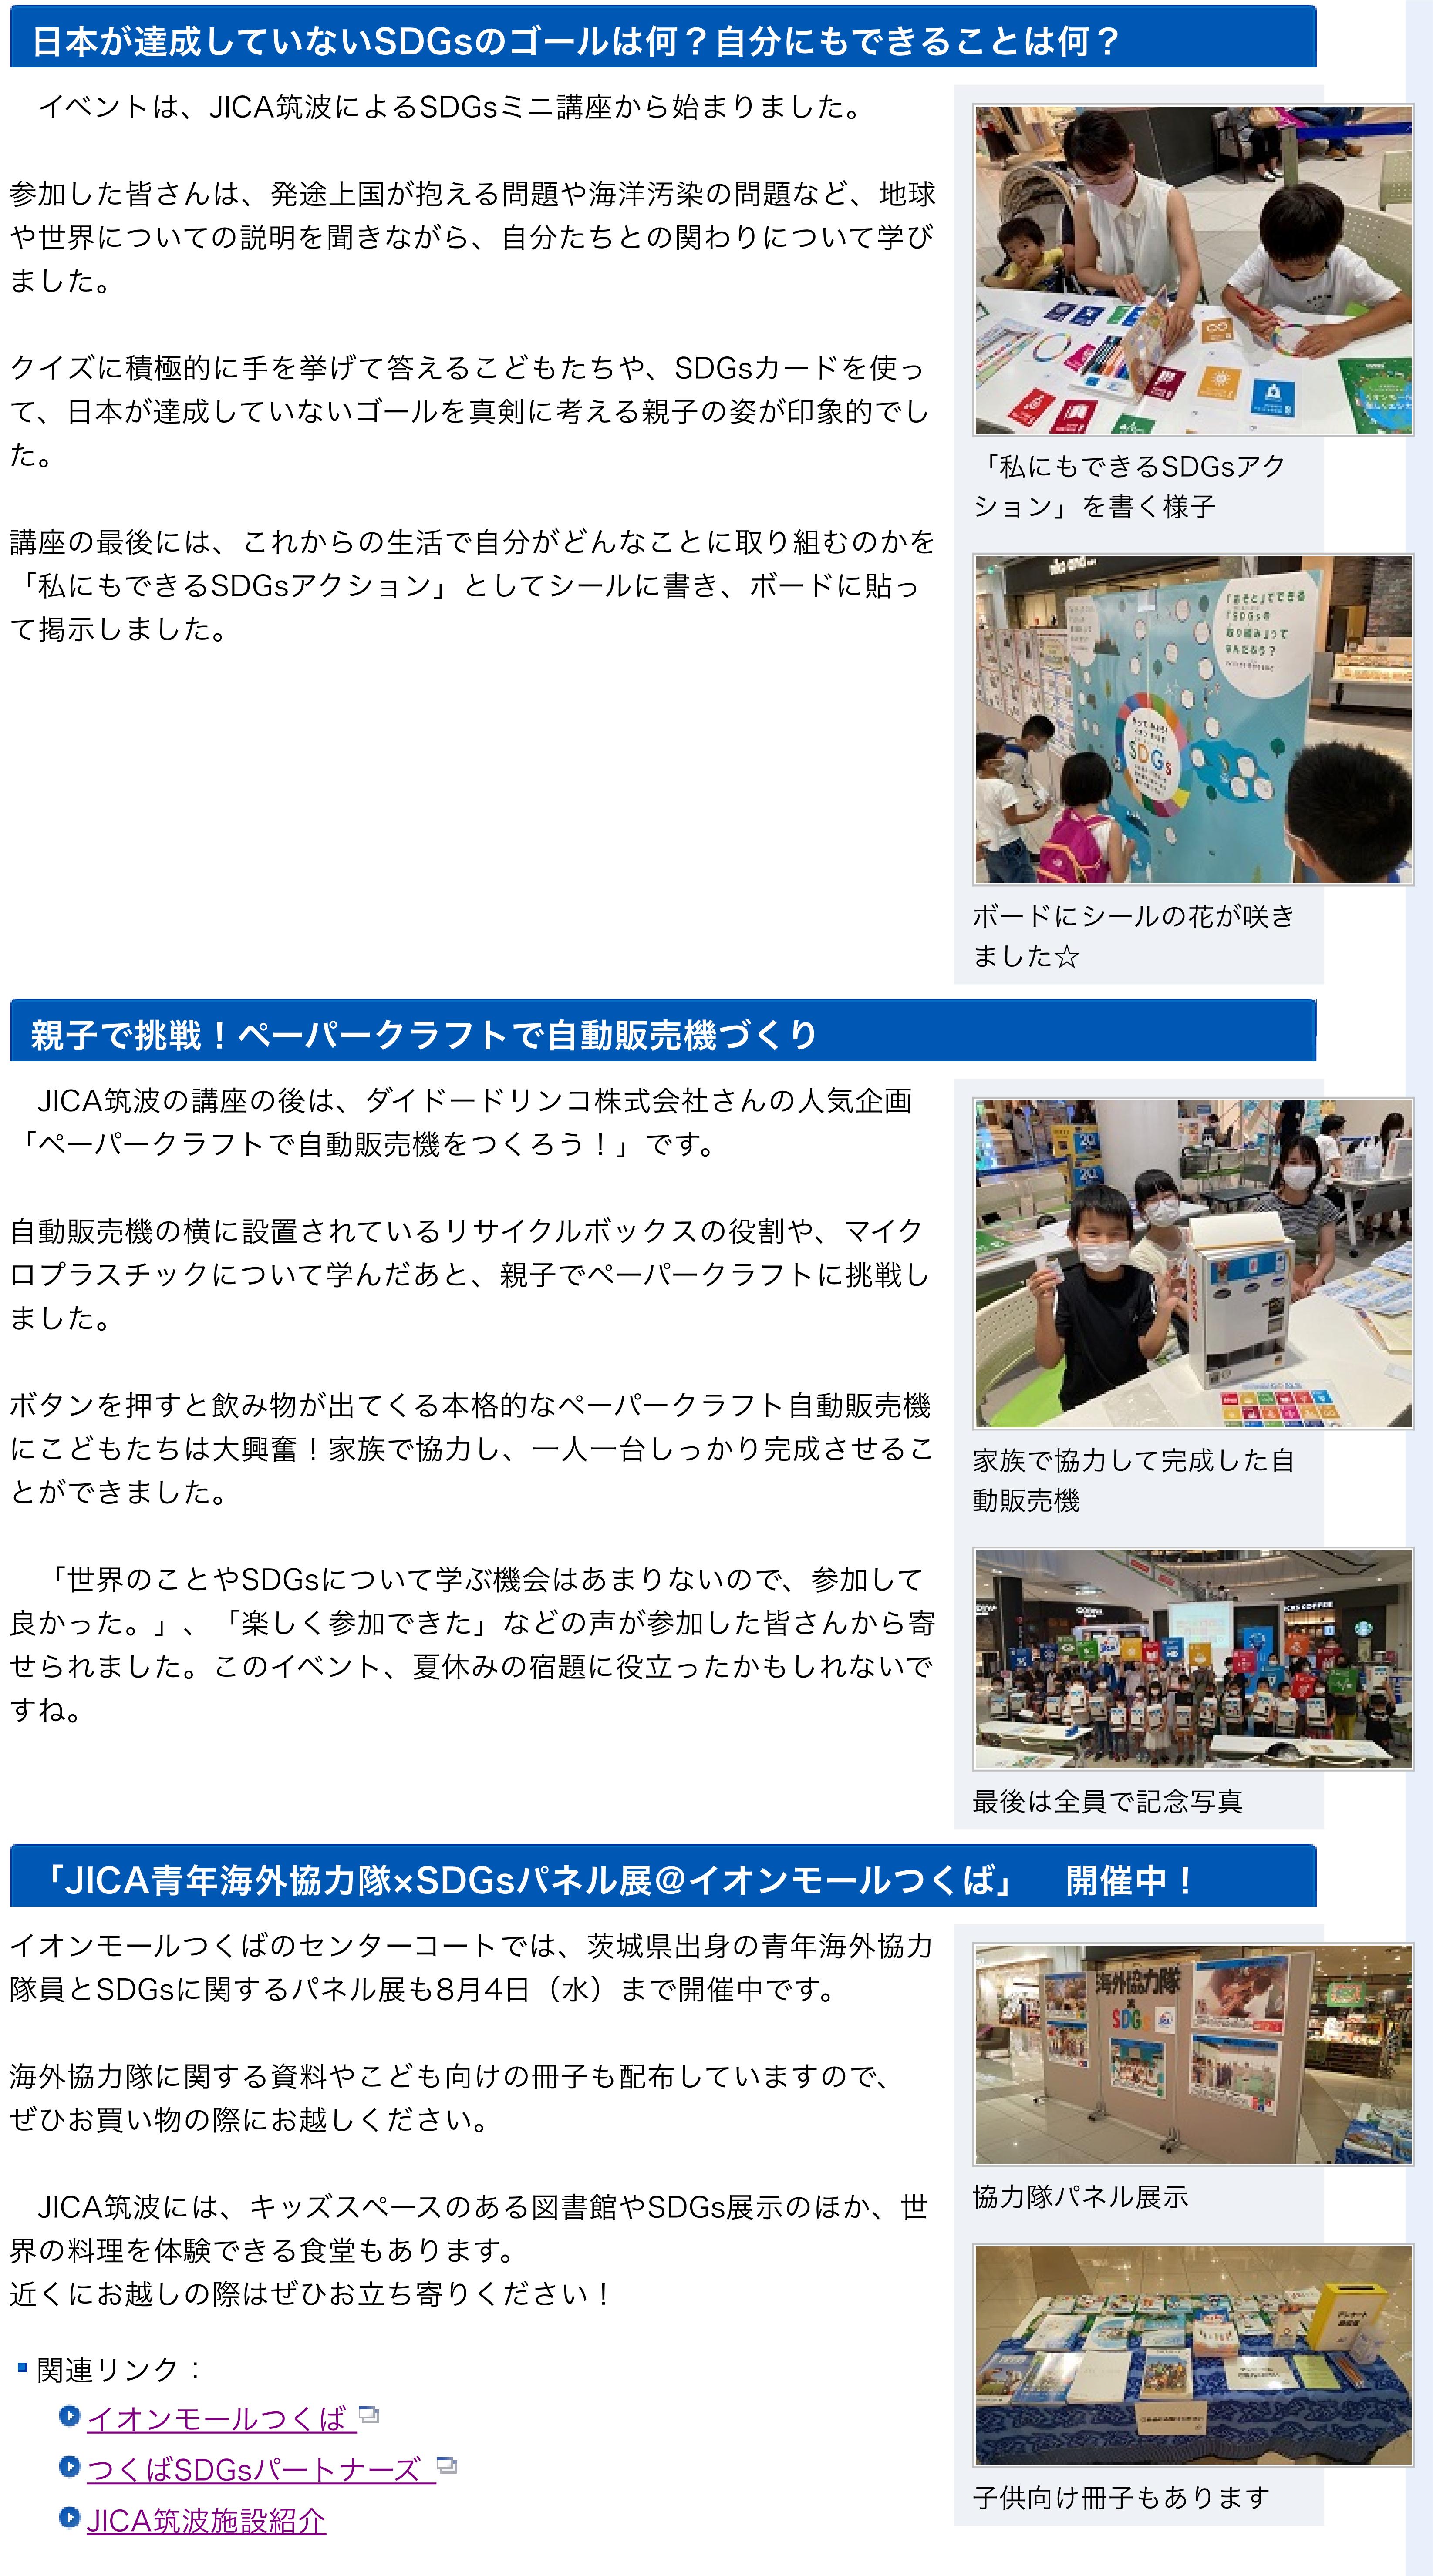 JICA筑波、イオンモールつくば、ダイドードリンコ株式会社